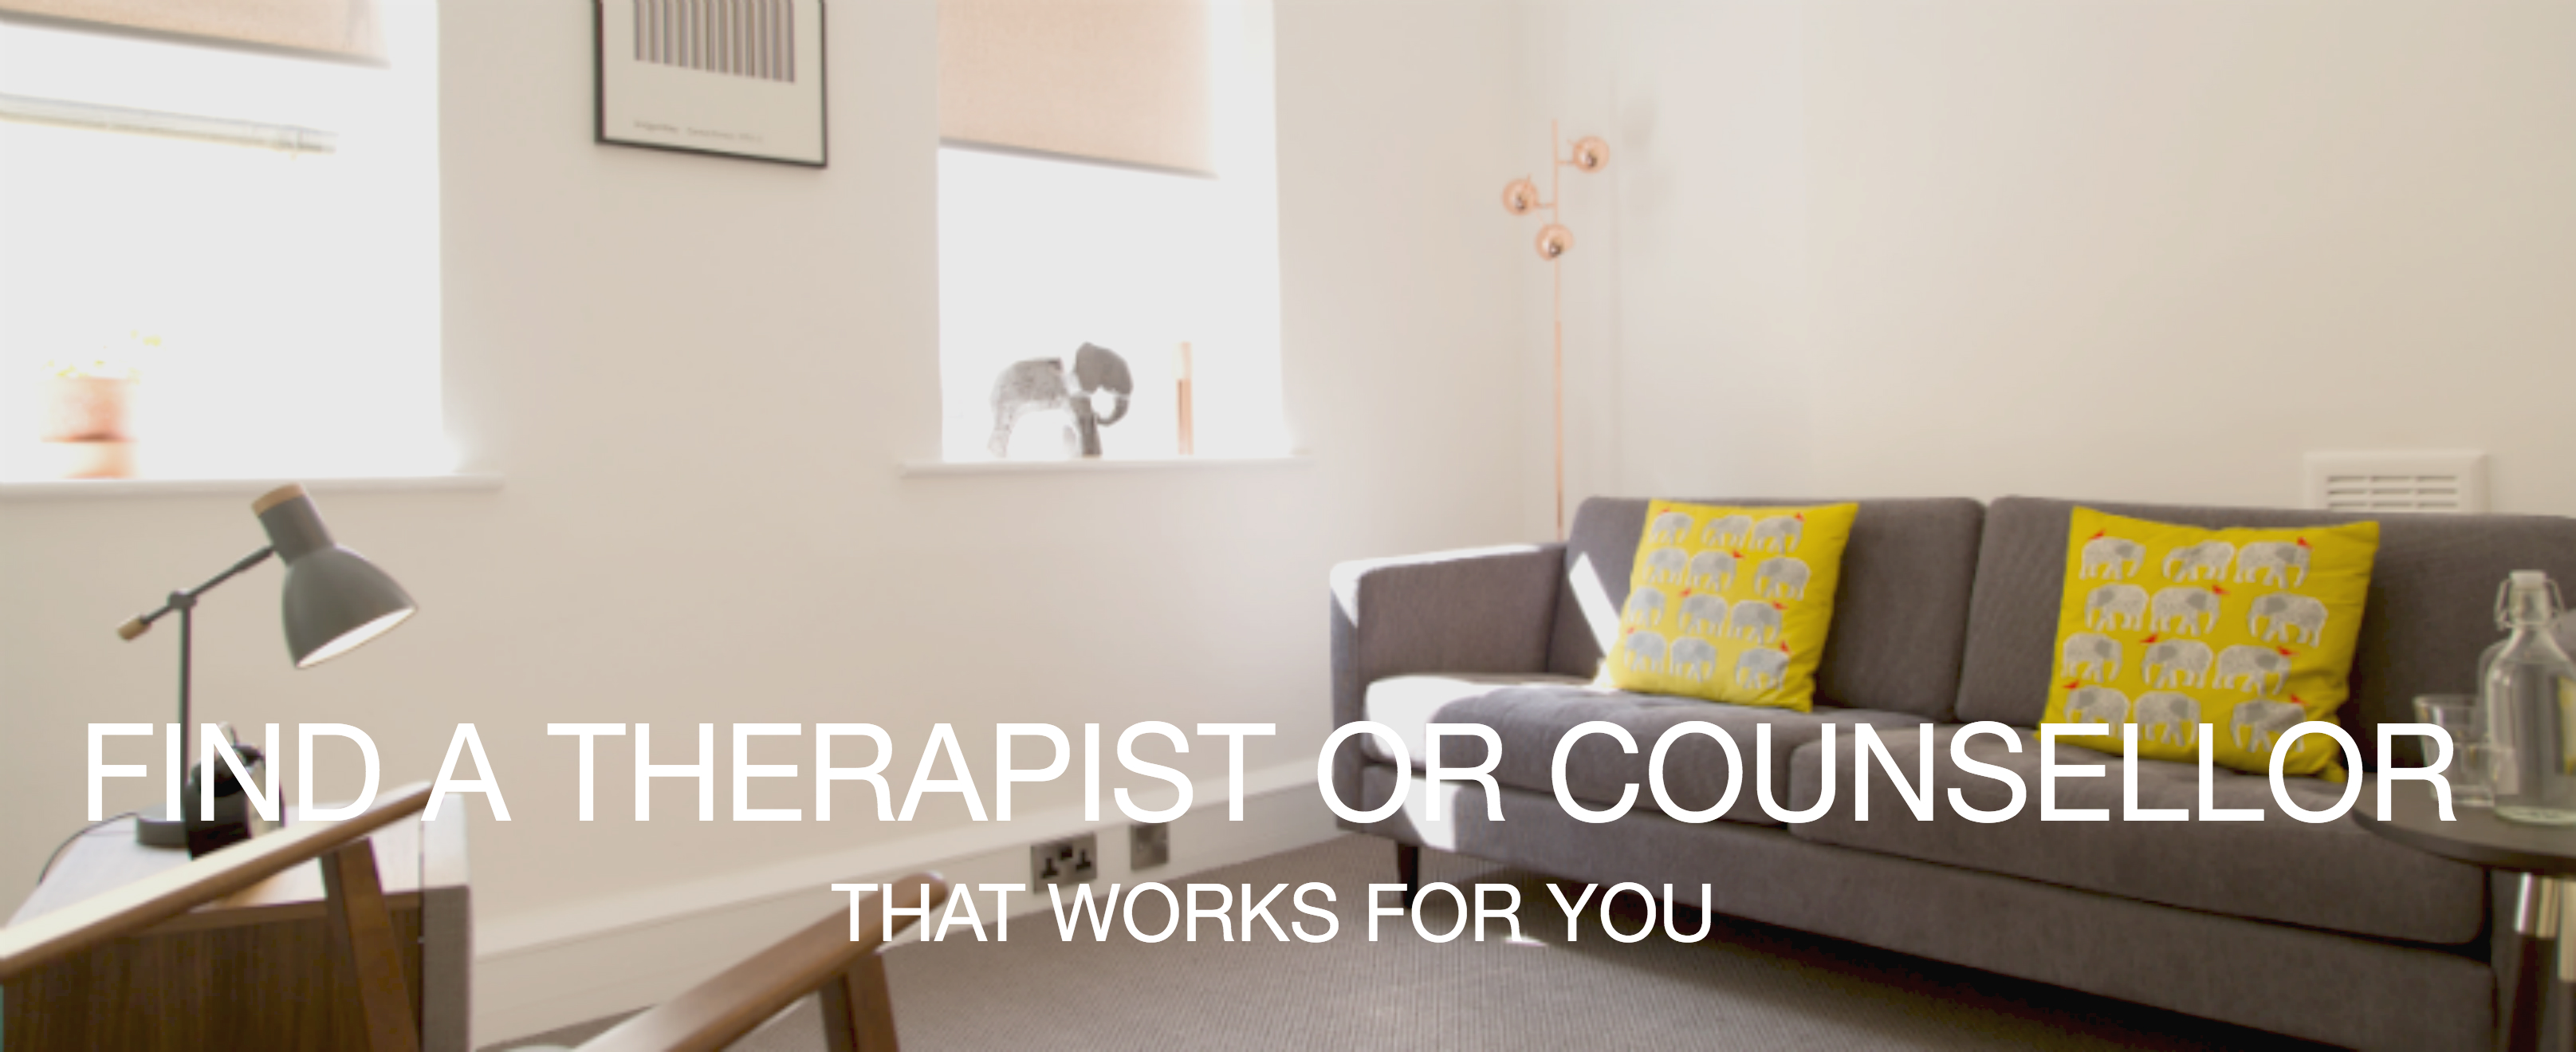 Find a therapist garden 2